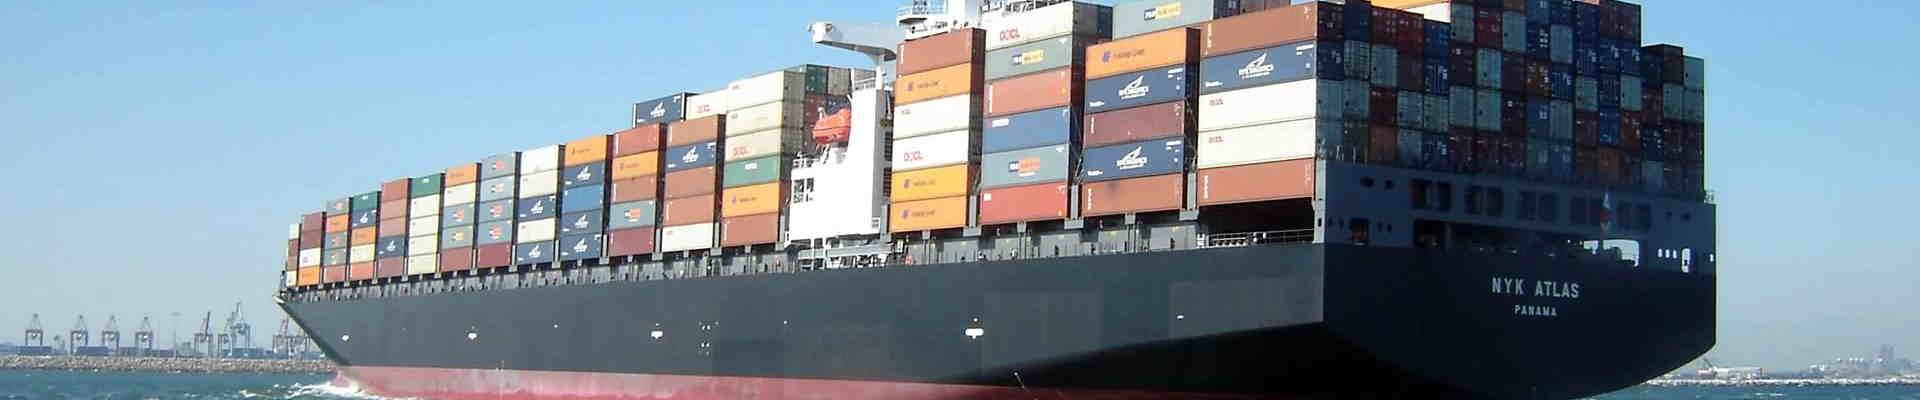 Британия объявила о введении новых таможенных тарифов на экспортные товары